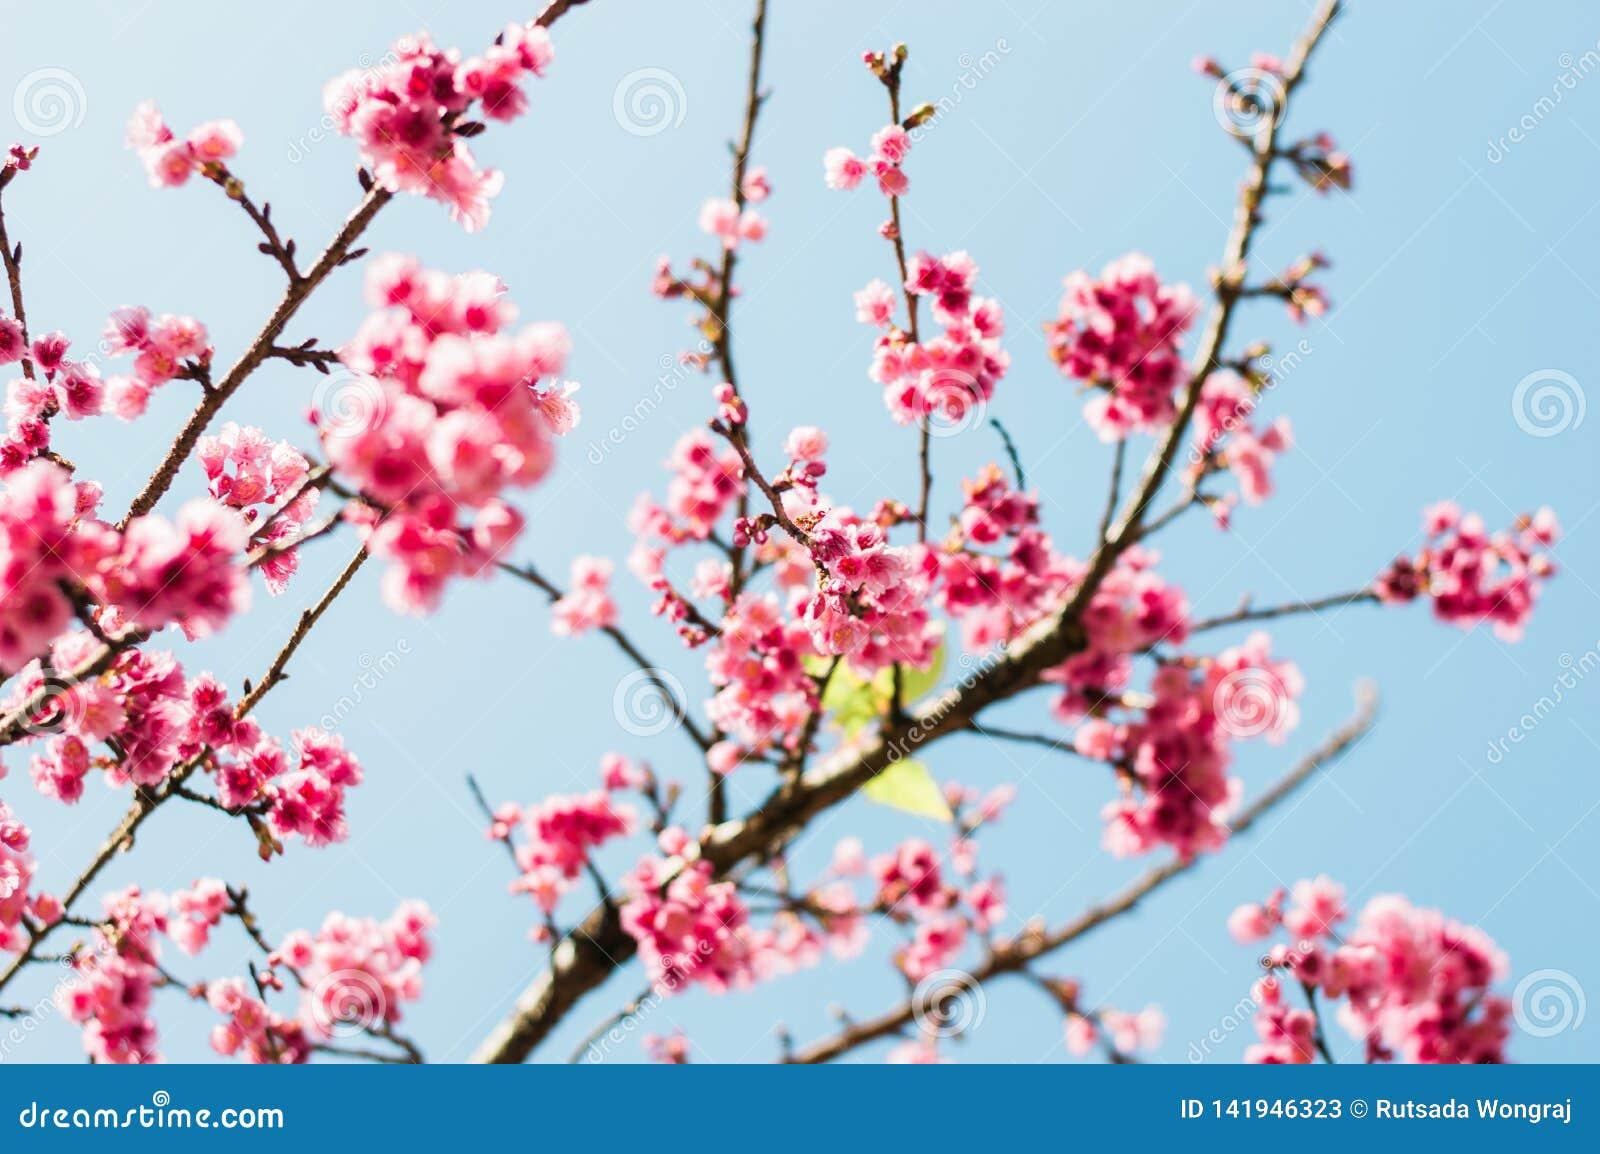 Mooie roze kersenbloesems in tuin